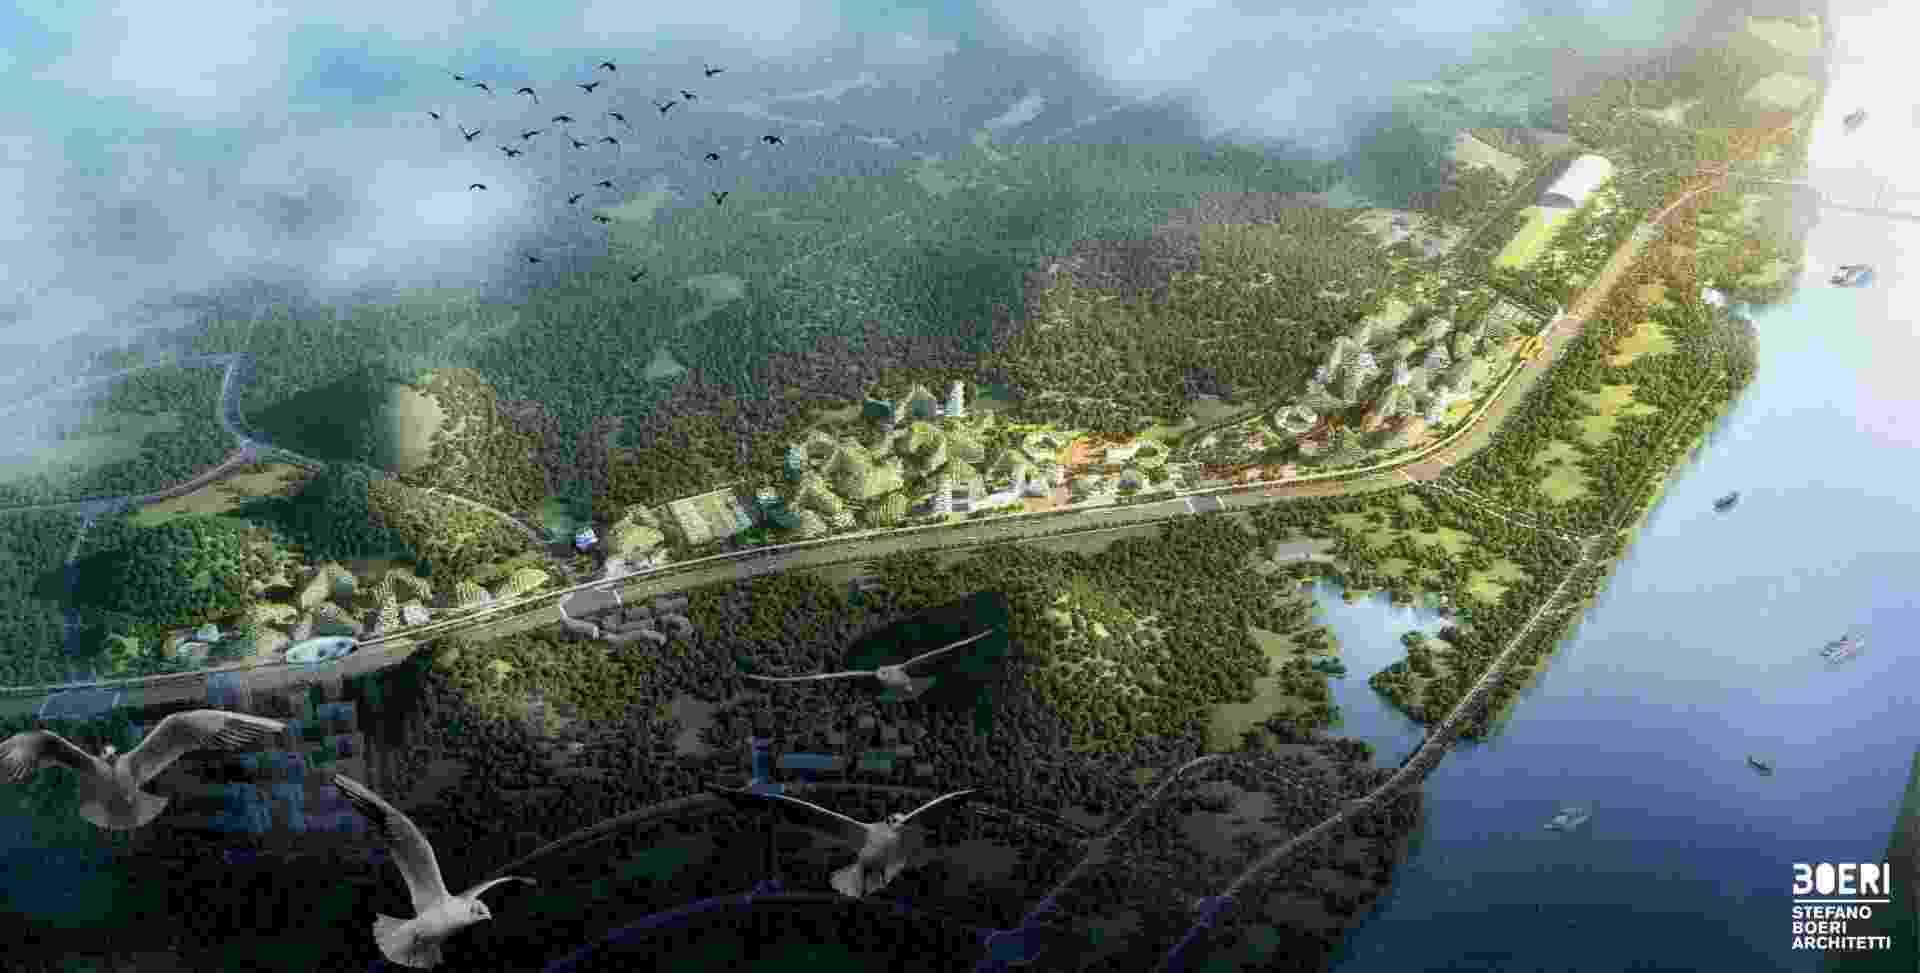 Um projeto ambicioso para uma cidade 100% ecológica está em andamento na região de Liuzhou, no sudoeste da China. - Divulgação/Site Oficial/ stefanoboeriarchitetti.net